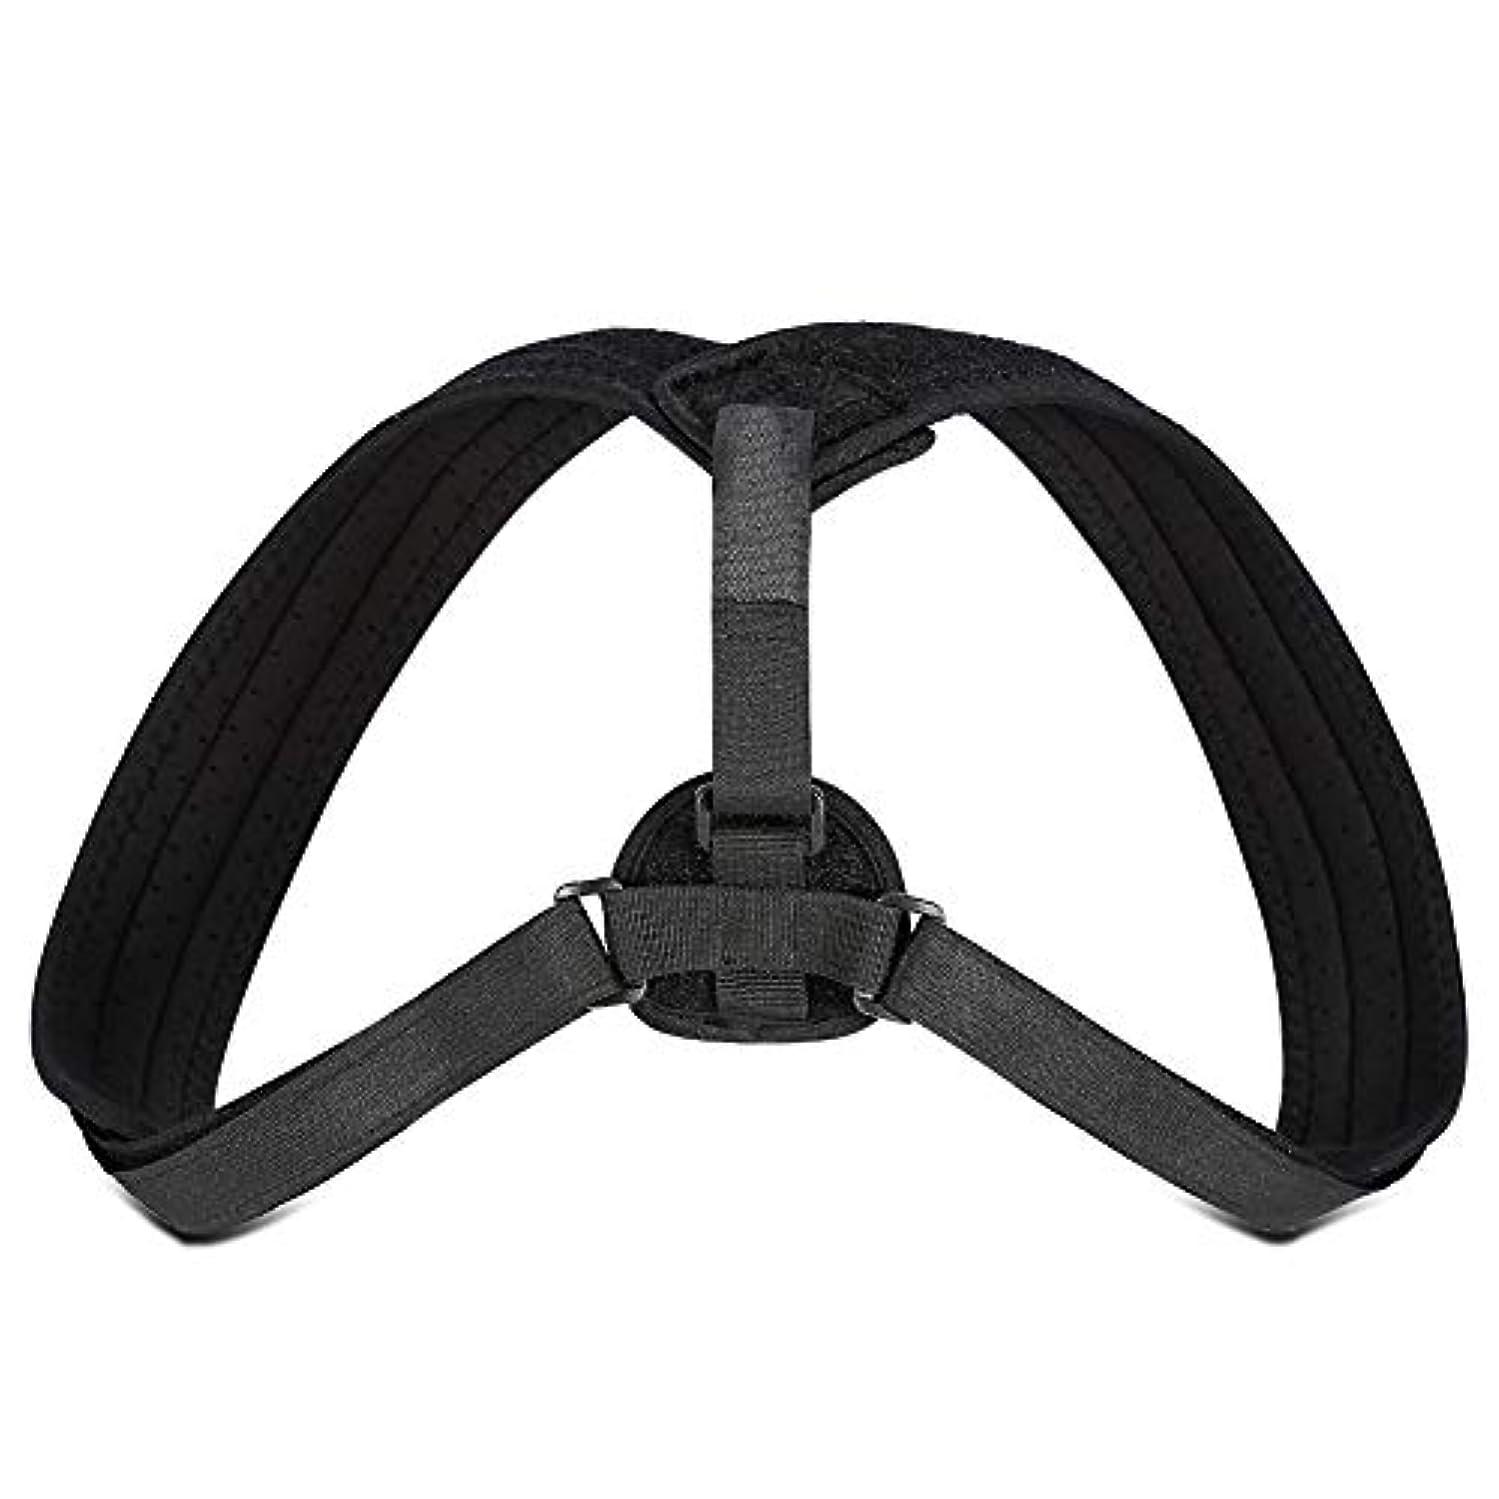 責任酸化物詩Yosoo Posture Corrector - ブレースアッパーバックネックショルダーサポートアジャスタブルストラップ、肩の体位補正、整形外科用こぶの緩和のための包帯矯正、ティーン用